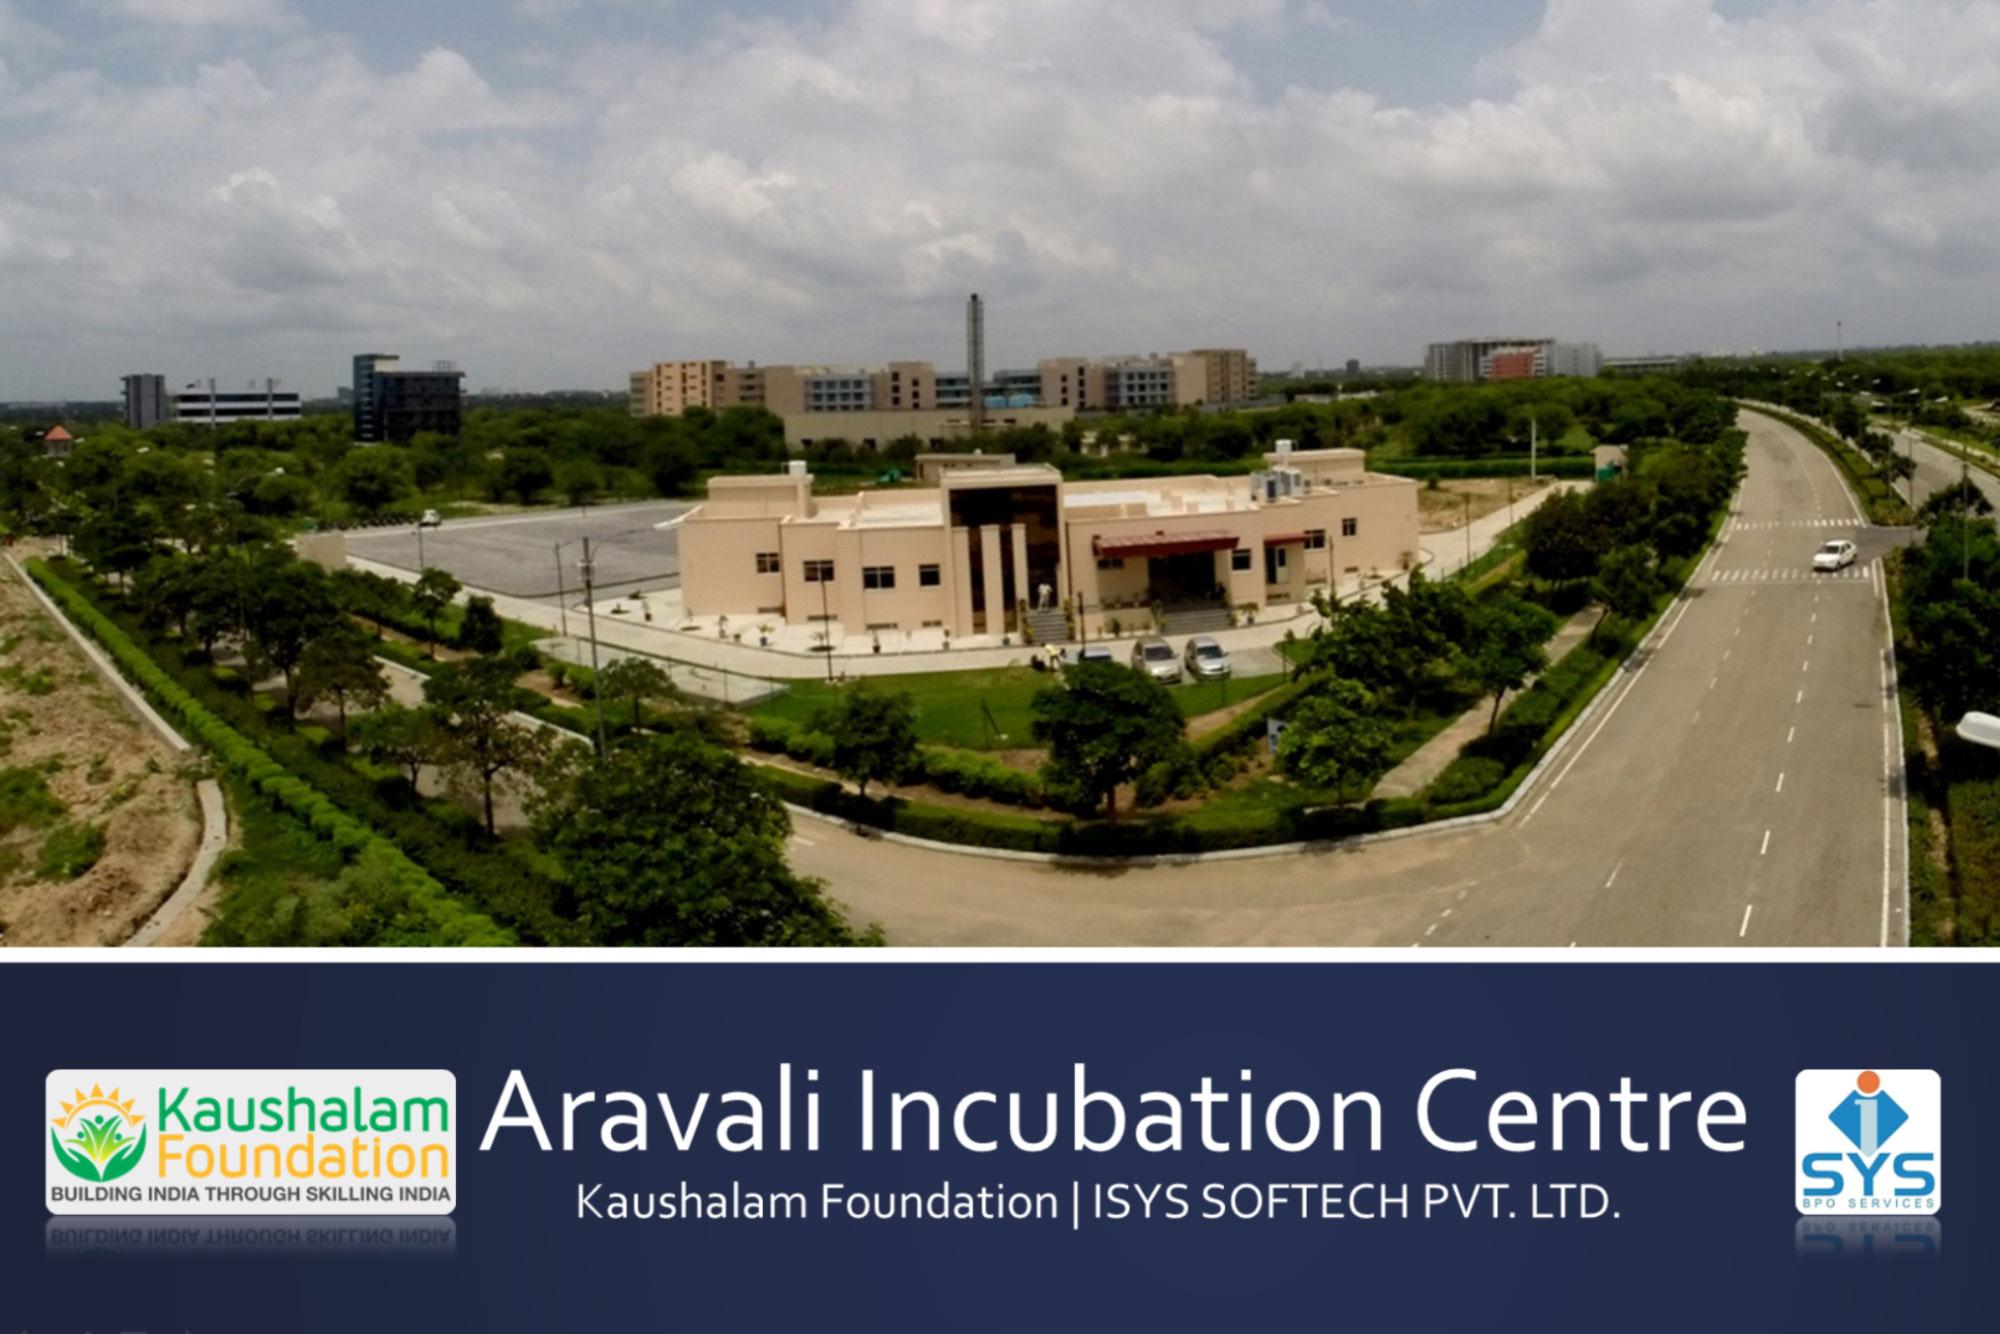 Aravali Incubation Centre